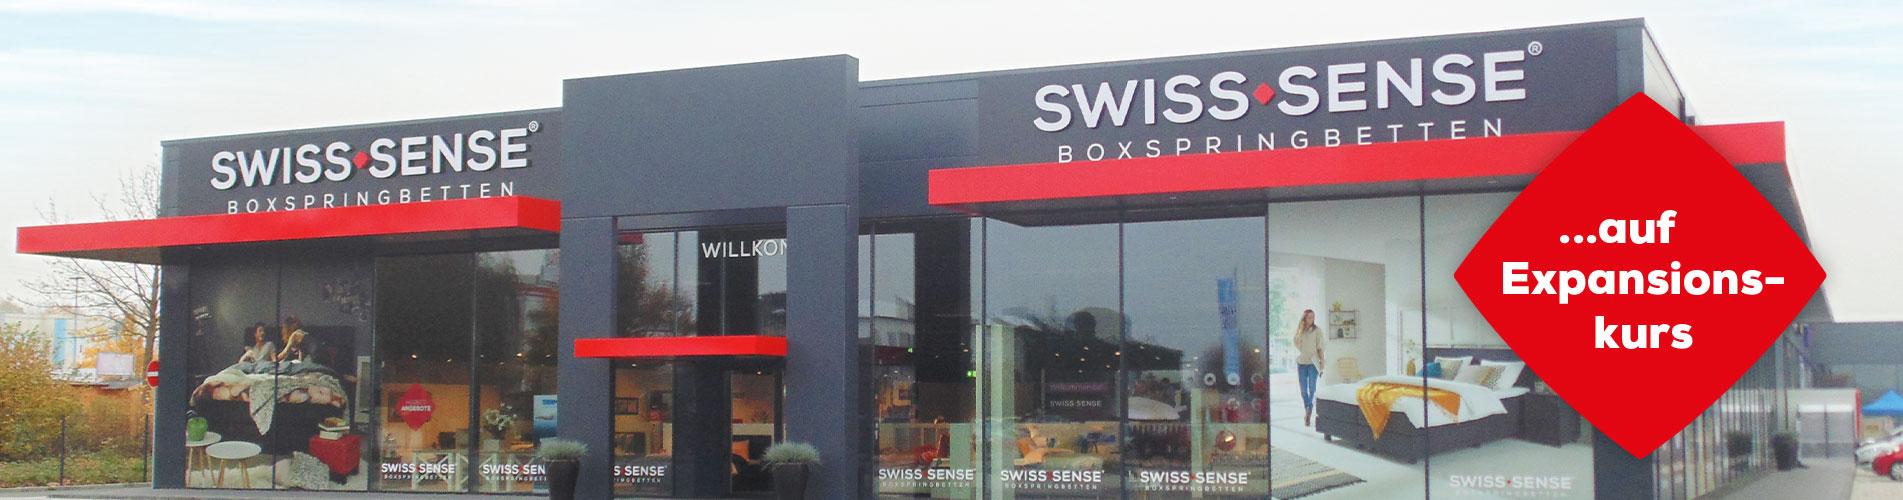 Expansion Deutschland Swiss Sense